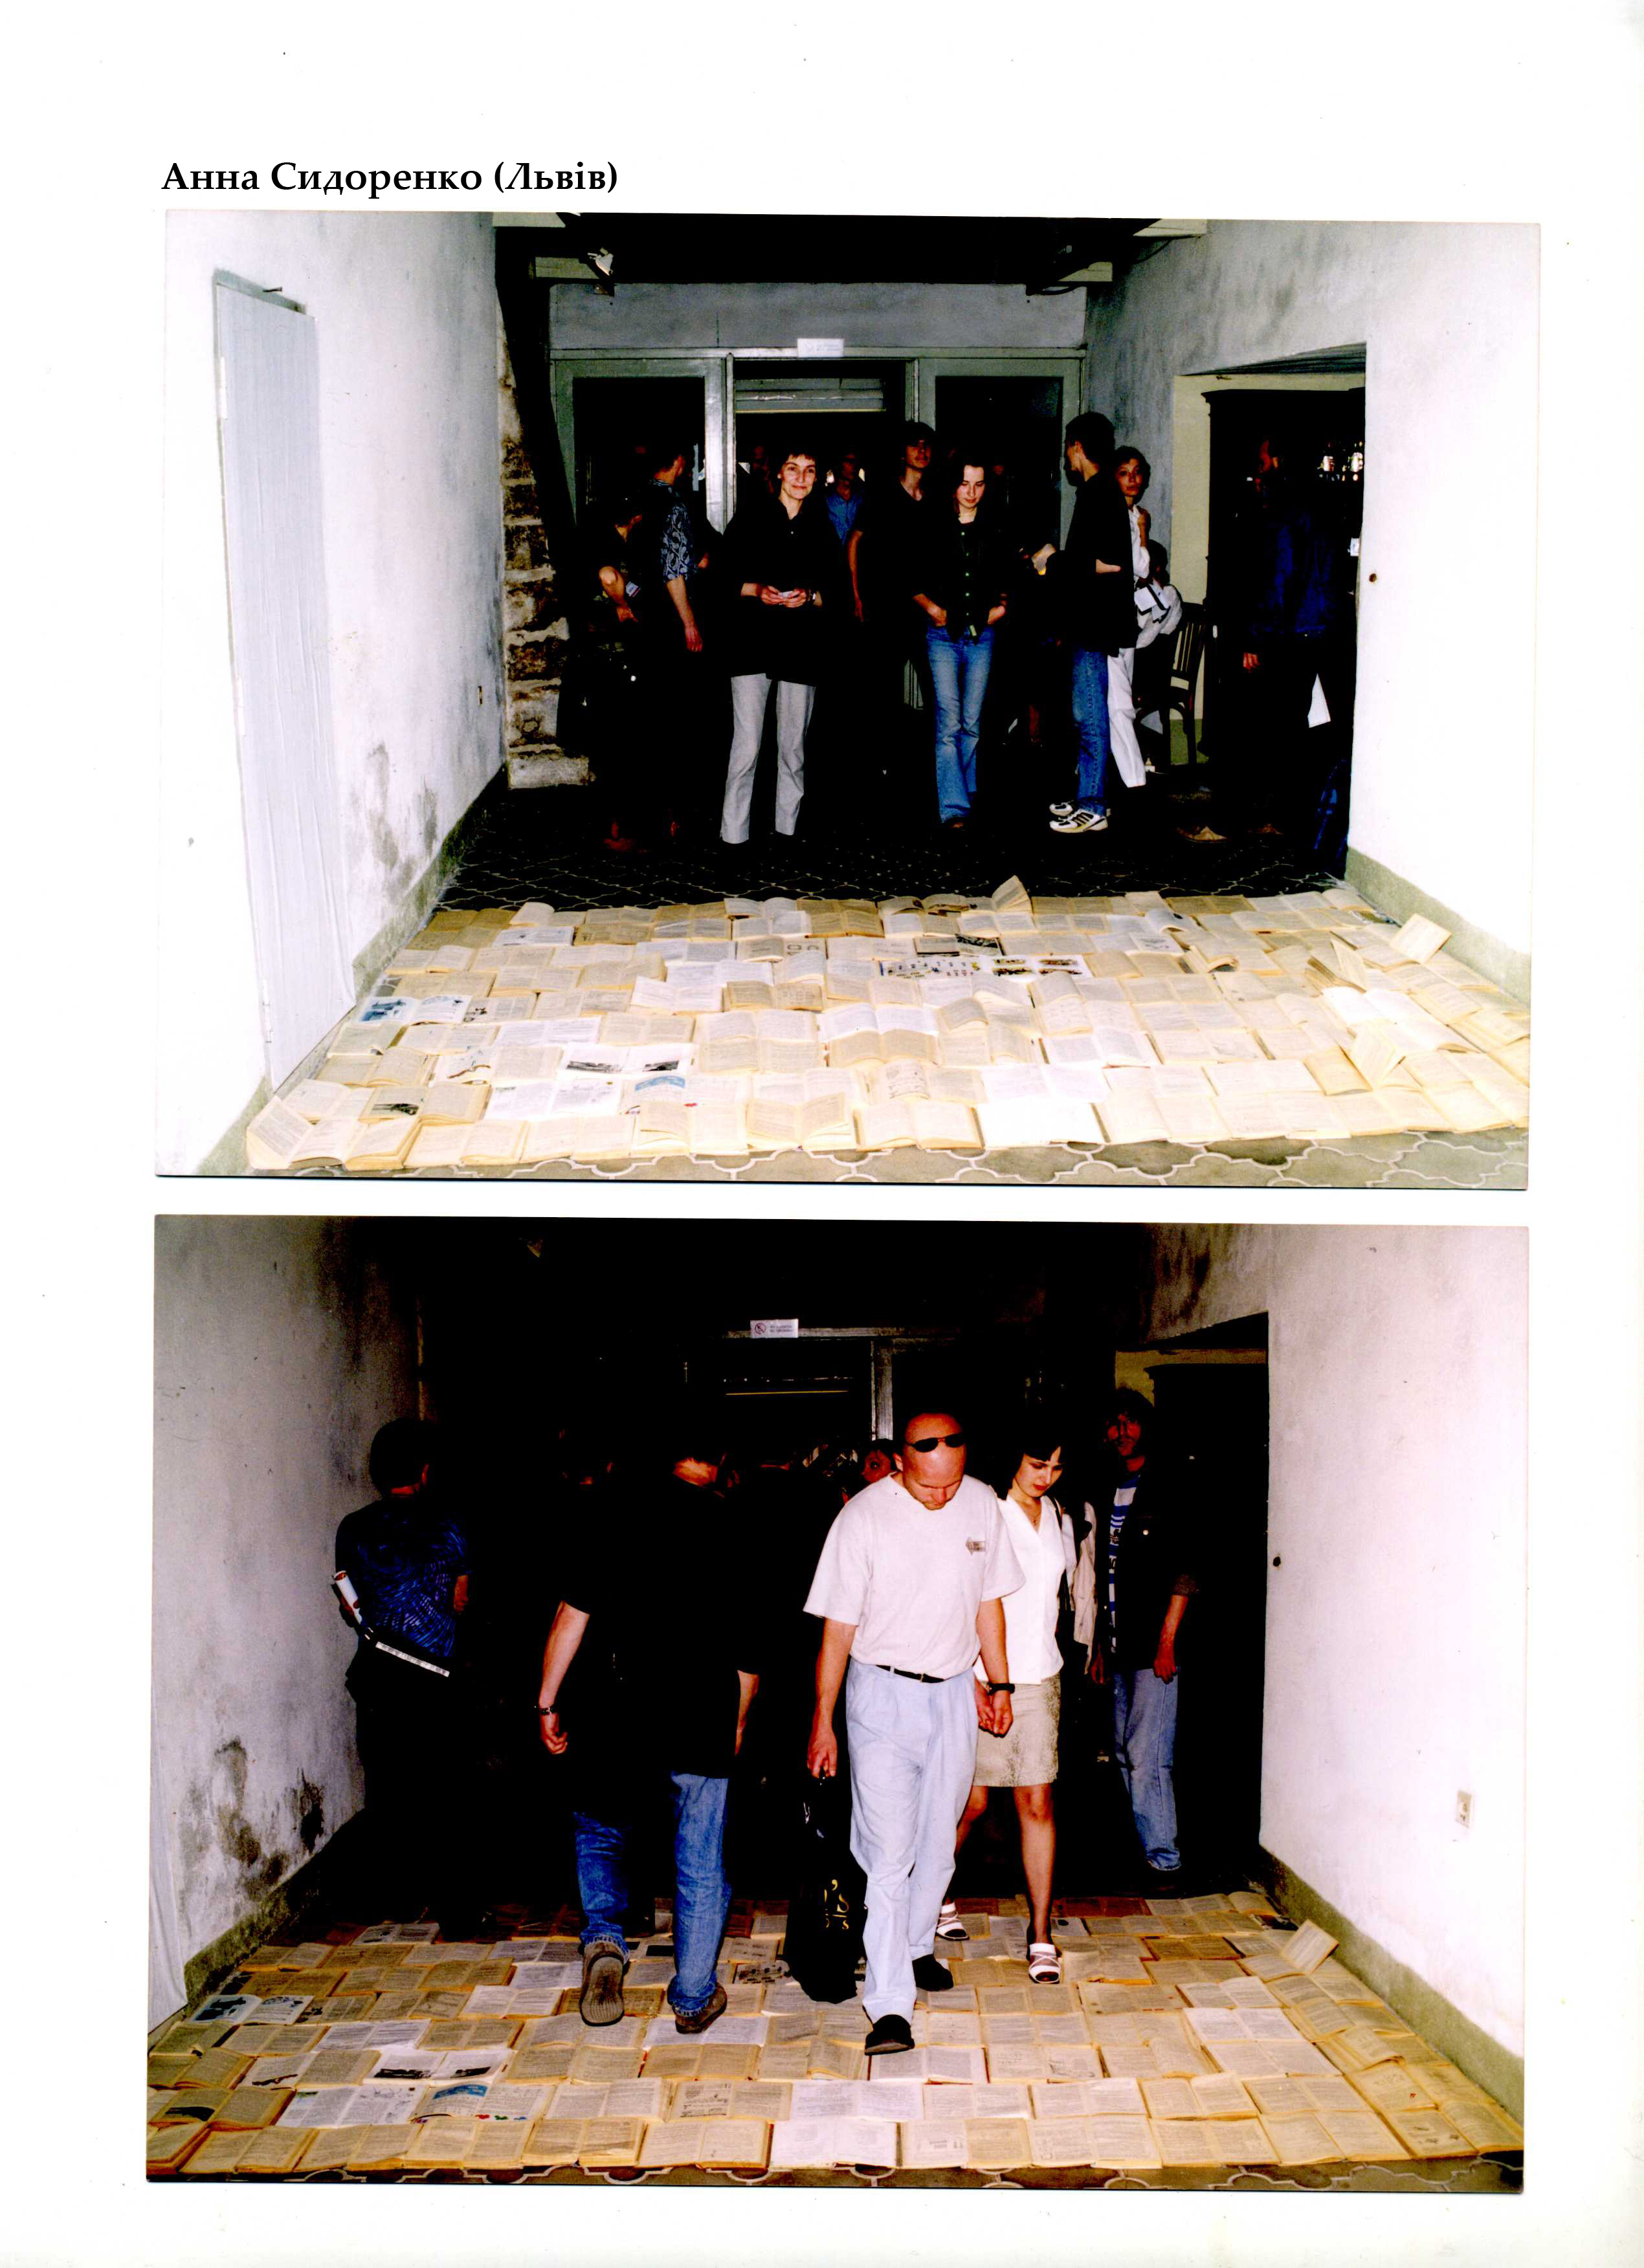 Анна Сидоренко. Міжнародний фестиваль «Мова». Галерея «Дзиґа», 2001